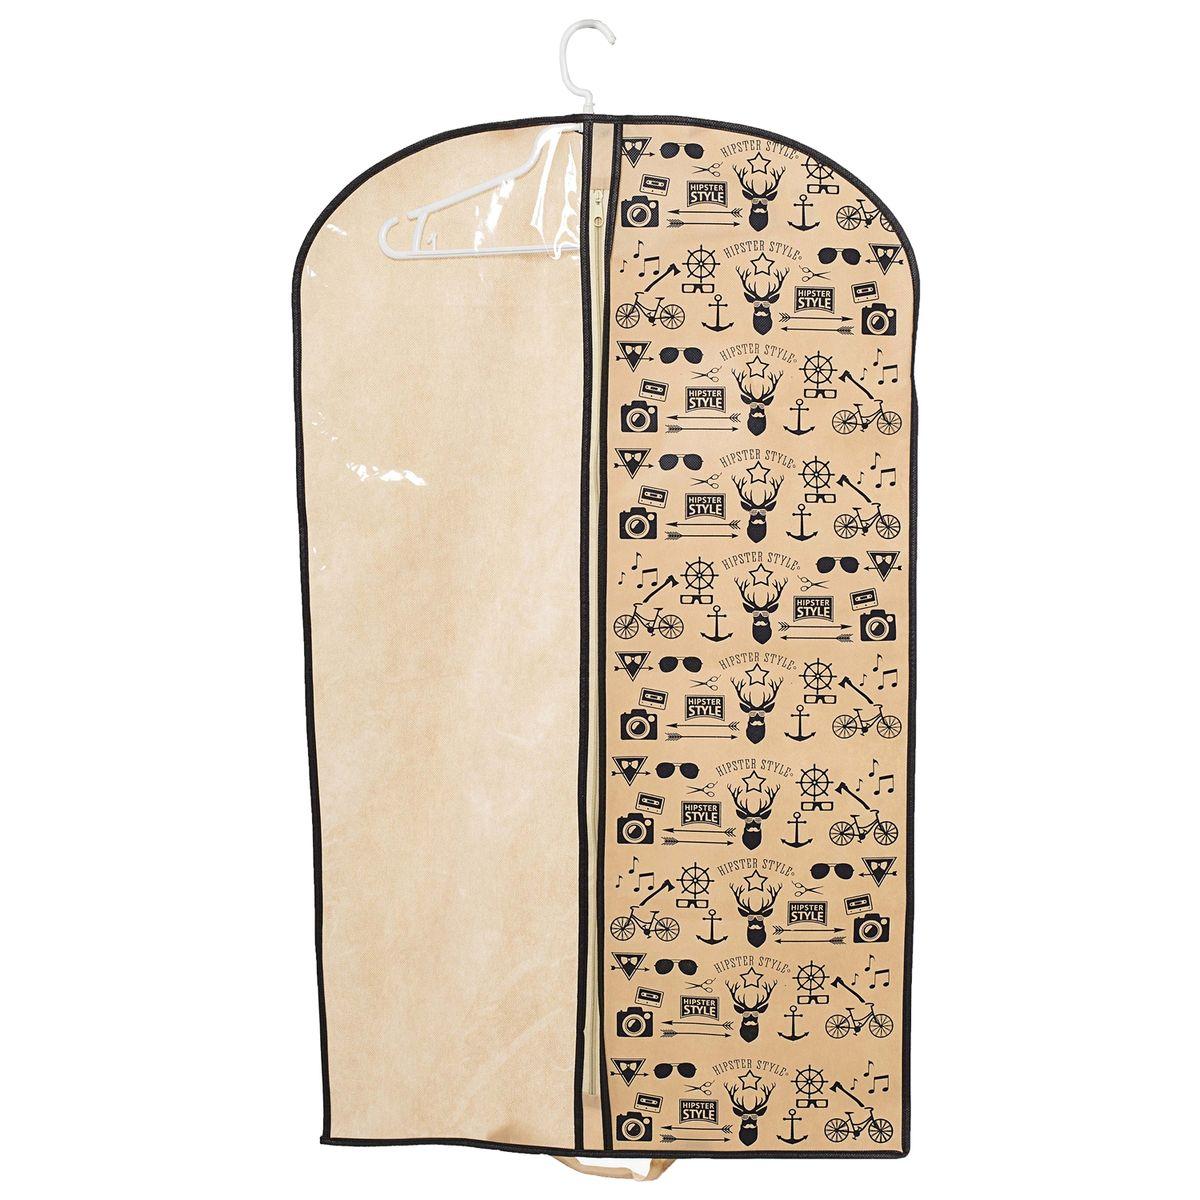 Чехол для одежды Homsu Hipster Style, подвесной, с прозрачной вставкой, 100 x 60 см органайзер homsu hipster style 31 х 24 х 11 см hom 759